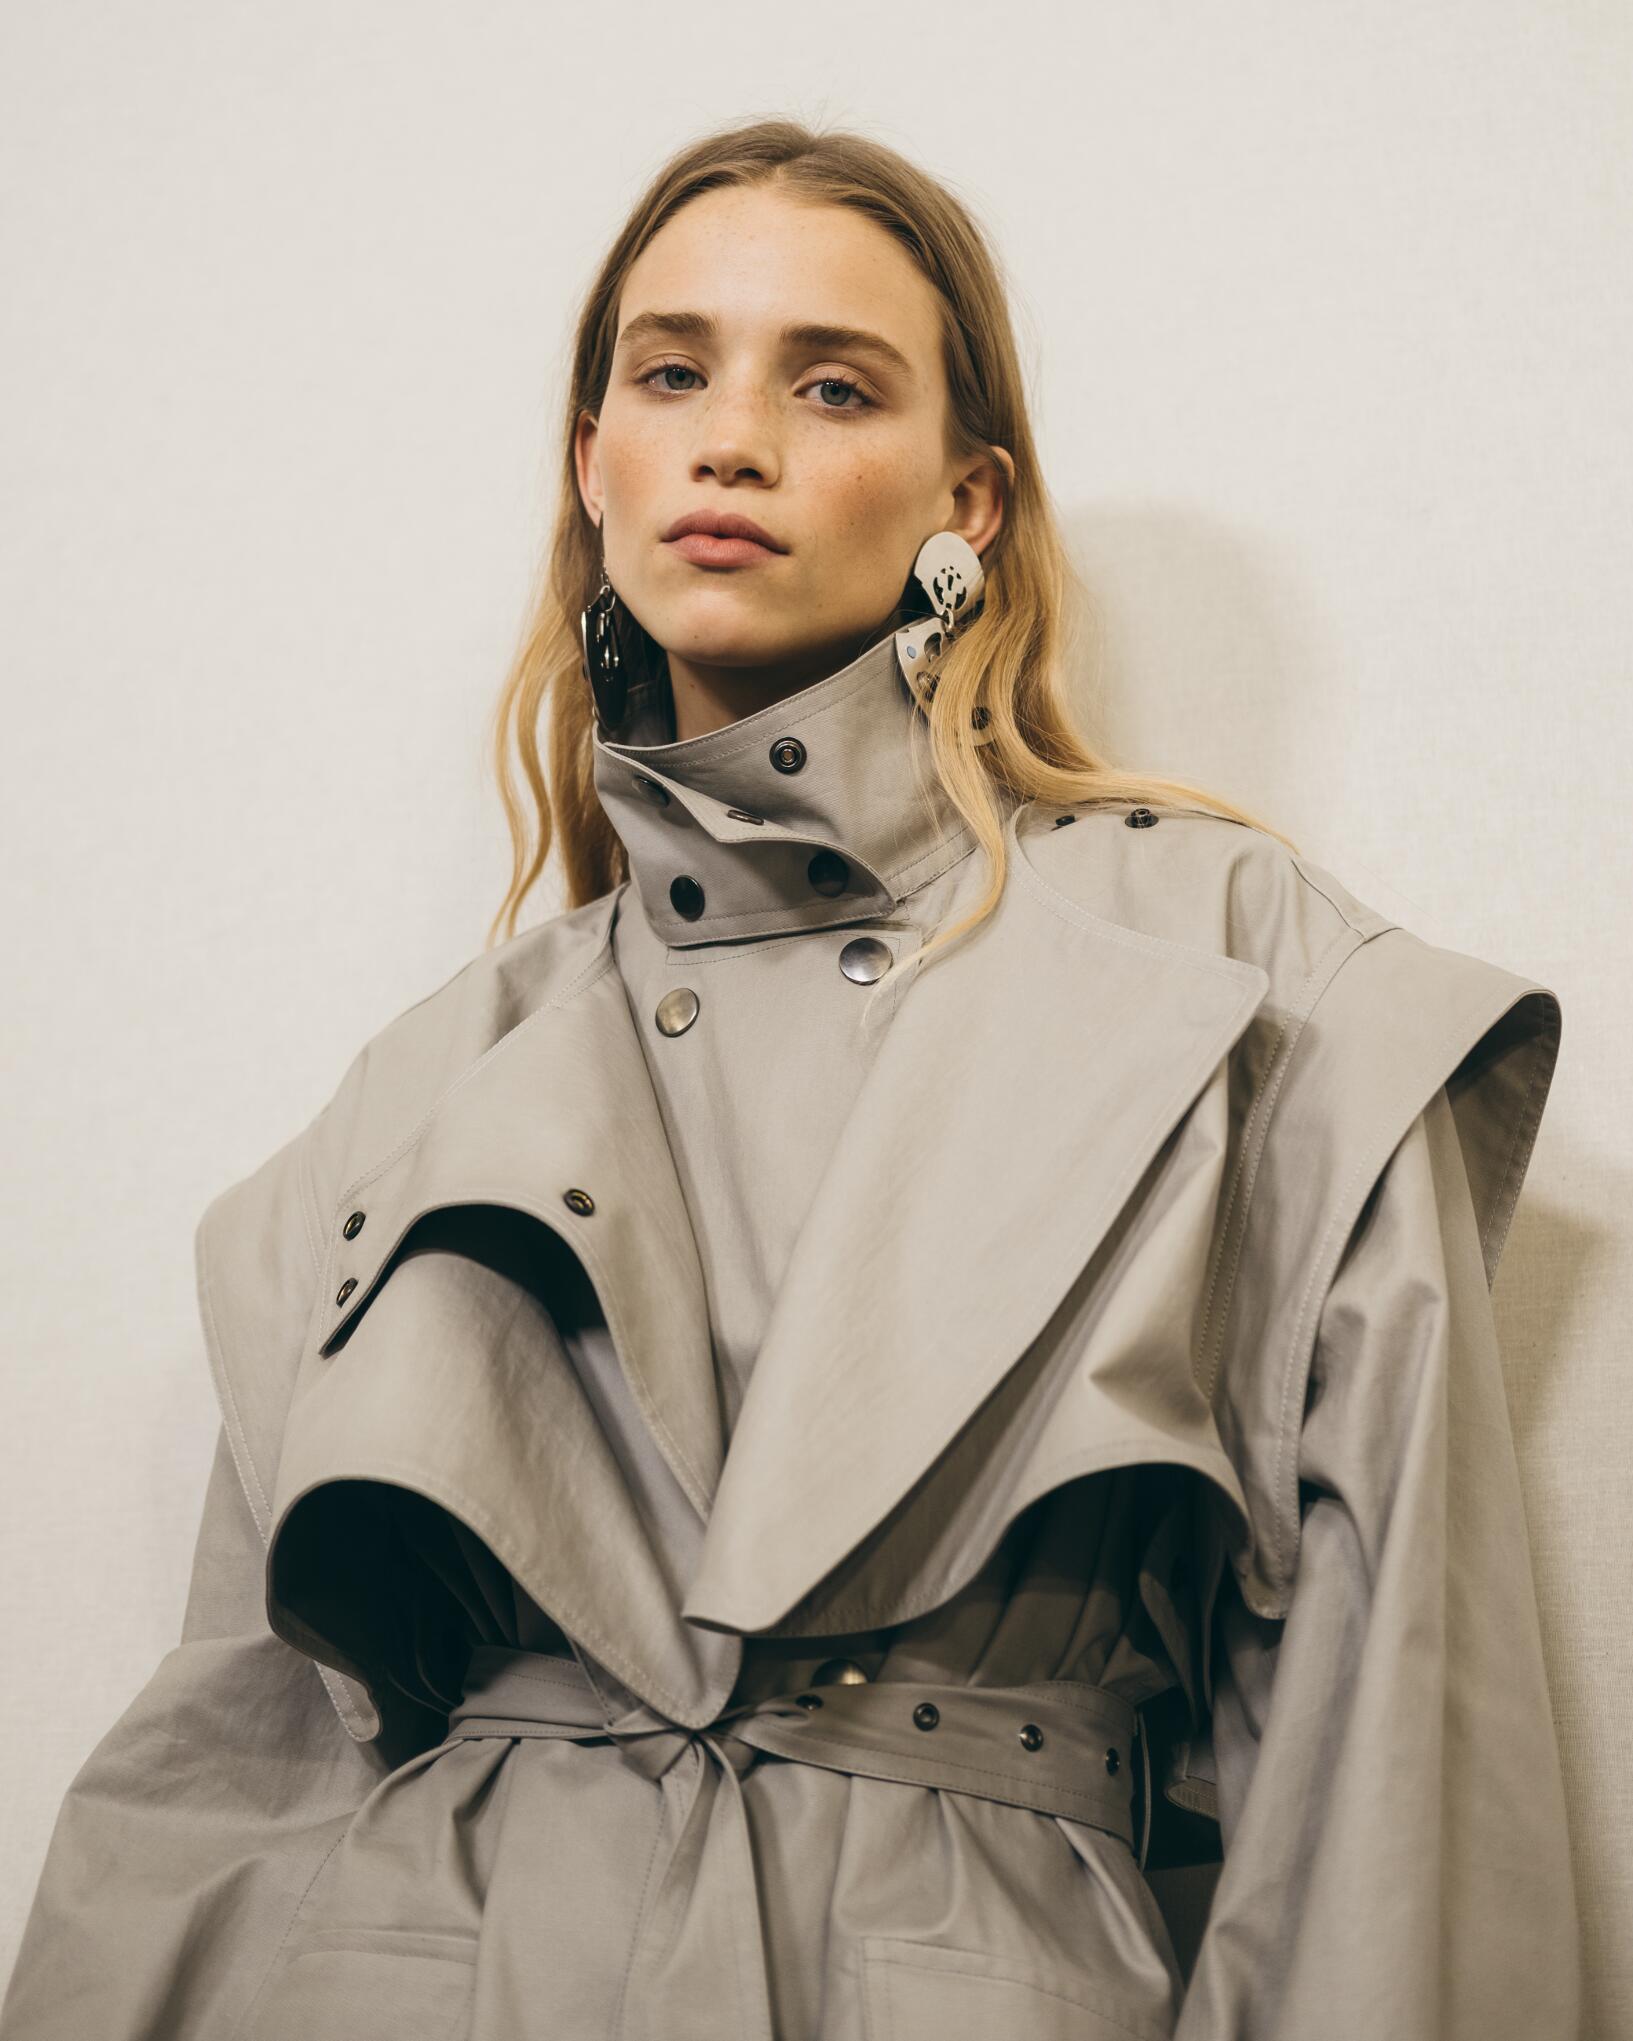 Backstage Isabel Marant Model 2019 Style